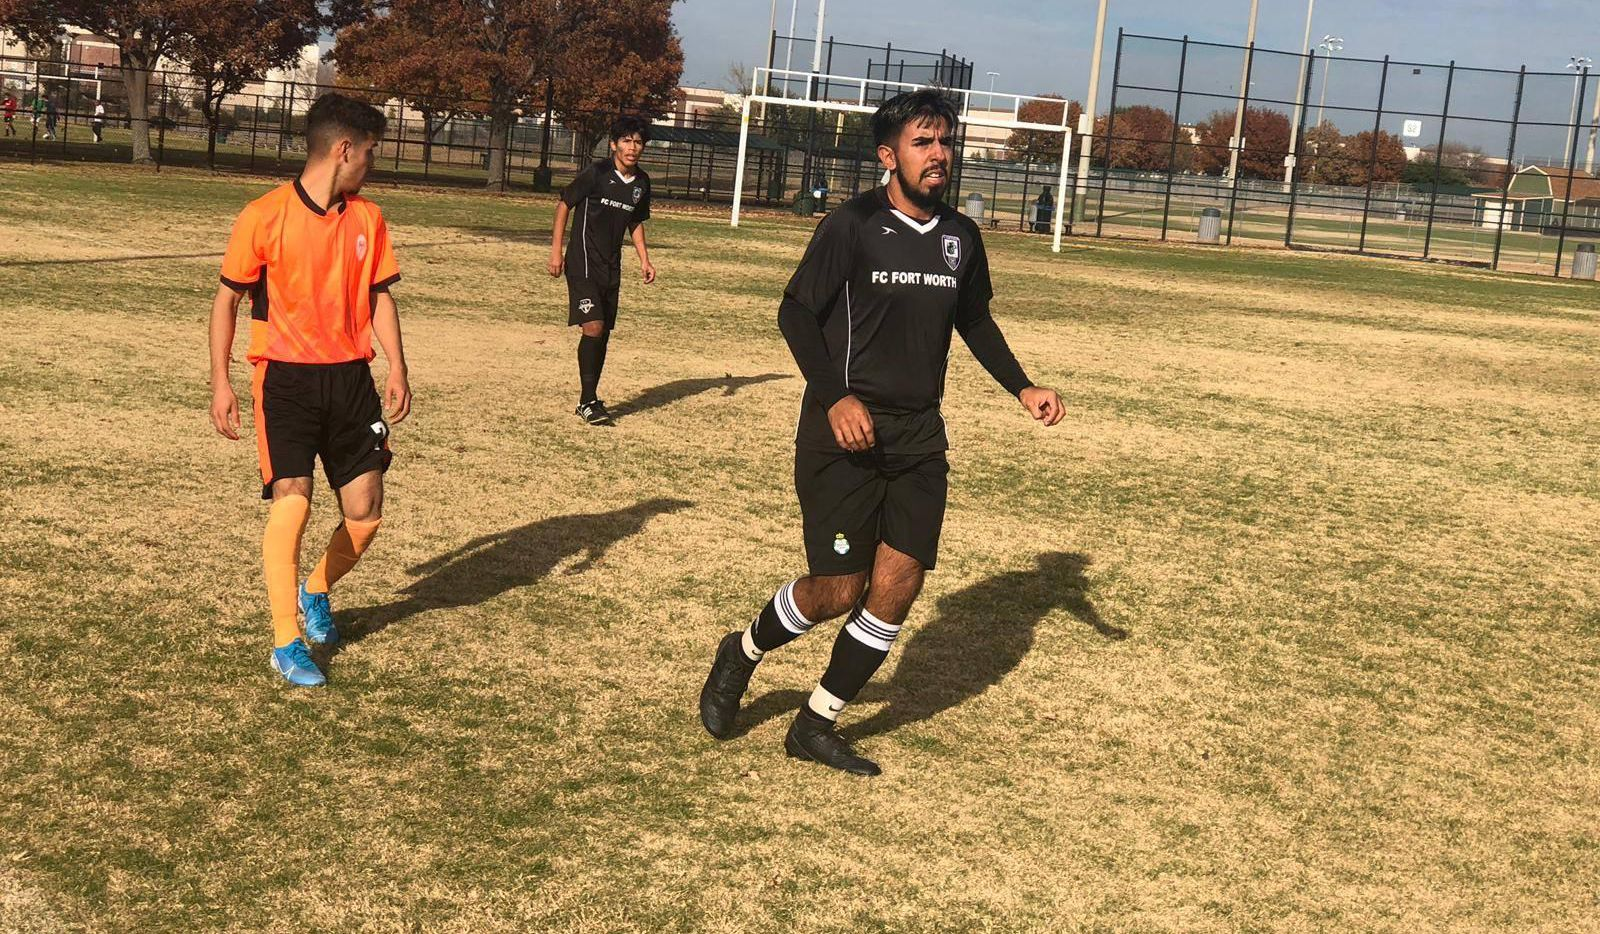 Los equipos Ignis FC y  FC Fort Worth U-20 forman parte de la Metroplex Premier League que juega sus partidos en Campbell Green Park y en Corinth Community Park.